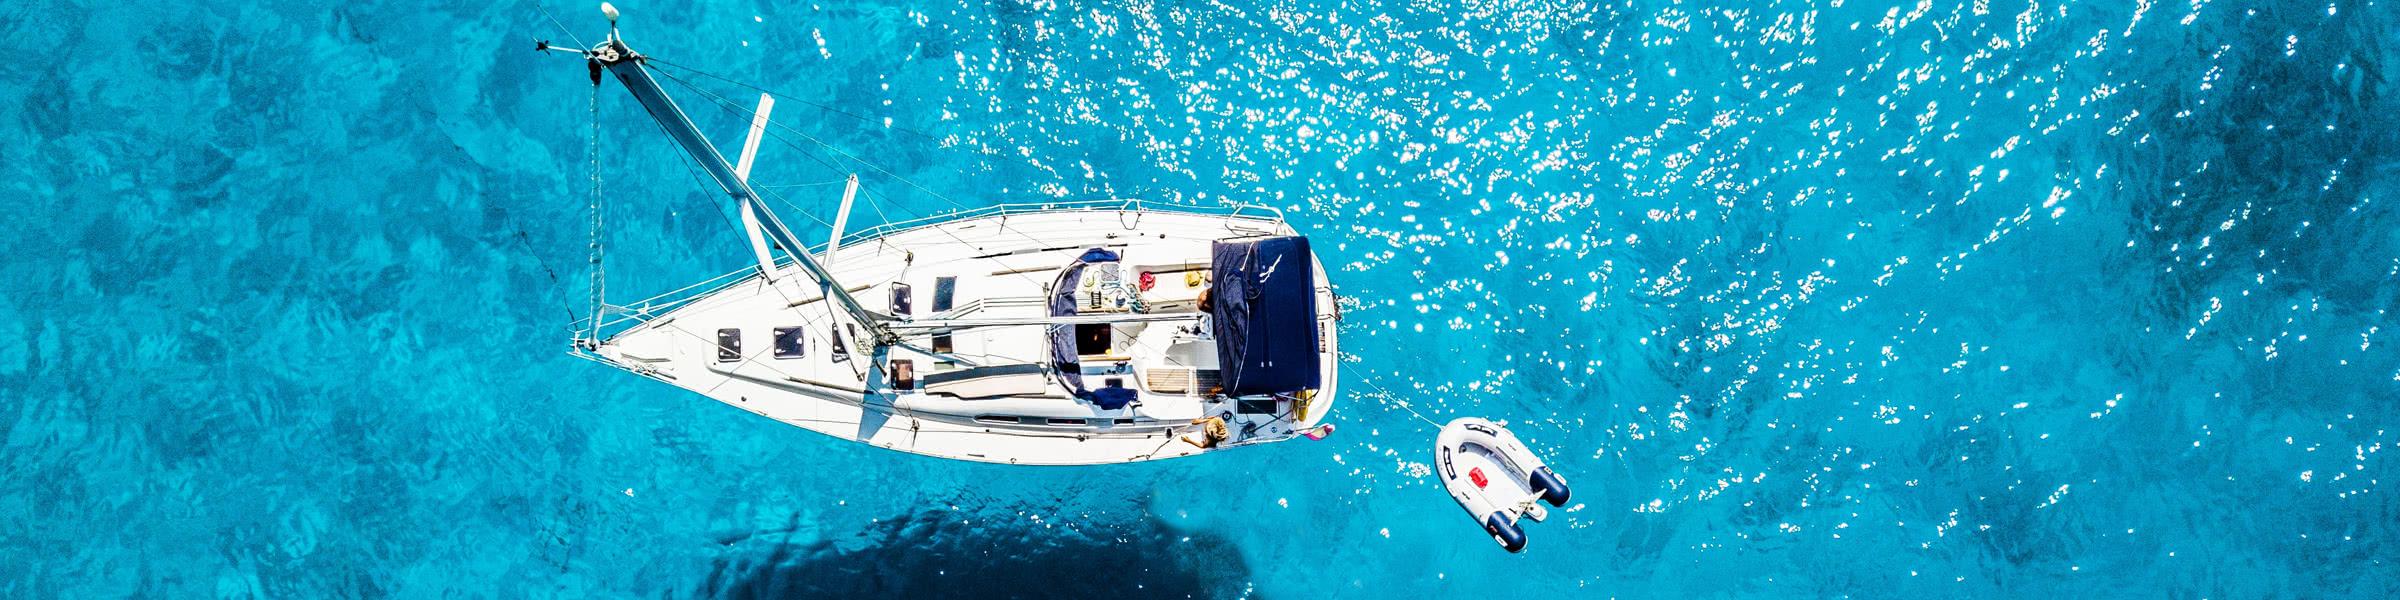 Anchoring, Docking